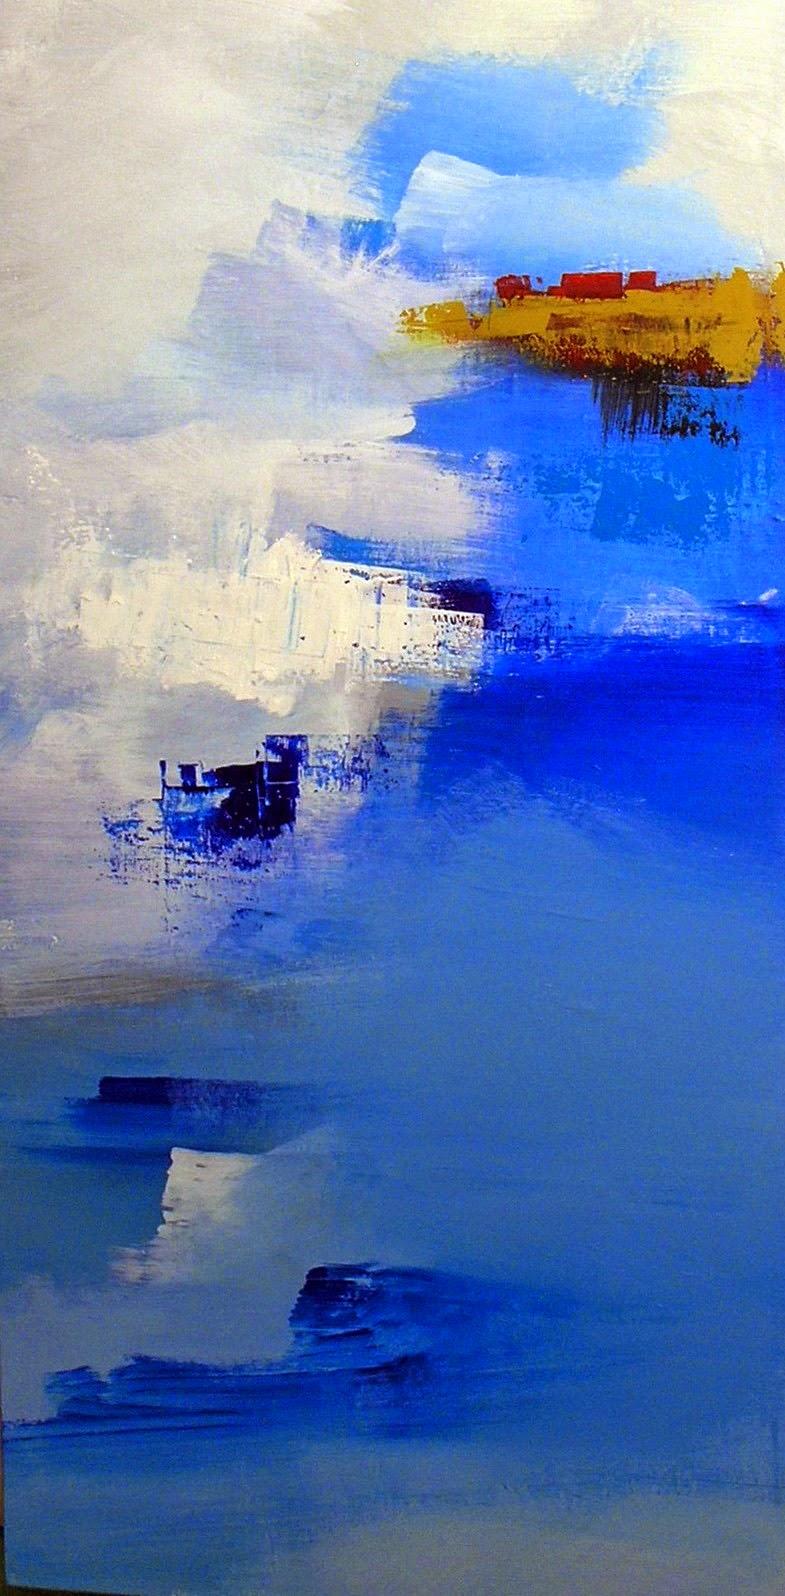 By John Stenger